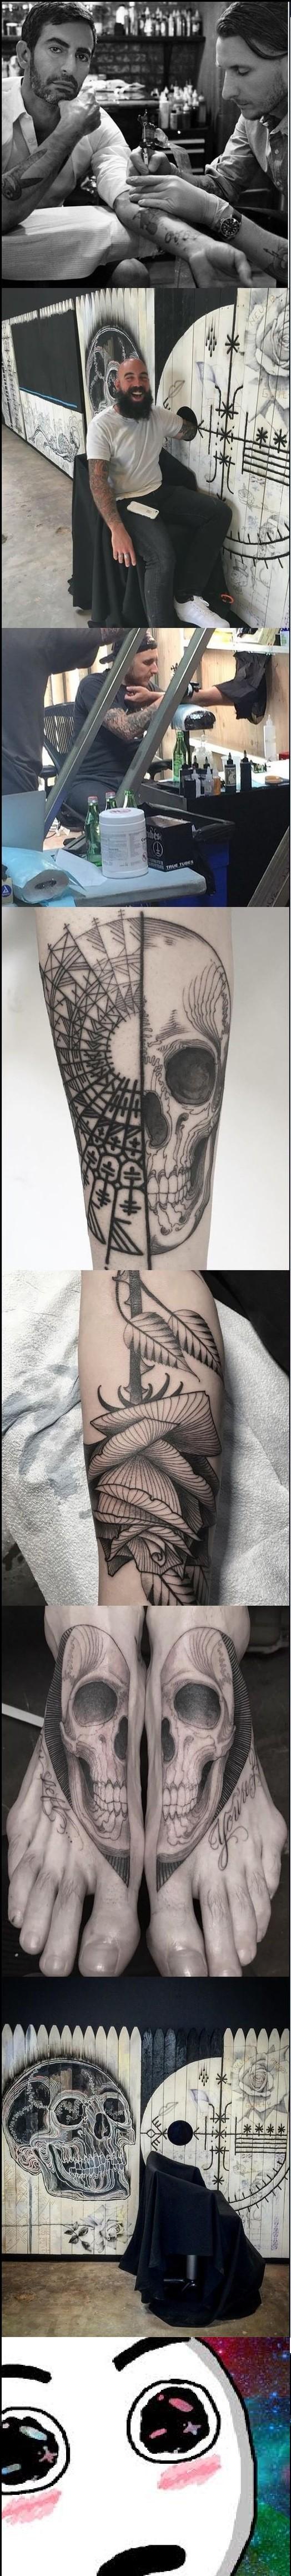 Amazed - Este hombre hace tatuajes gratis en cualquier parte del cuerpo mientras sea sorpresa